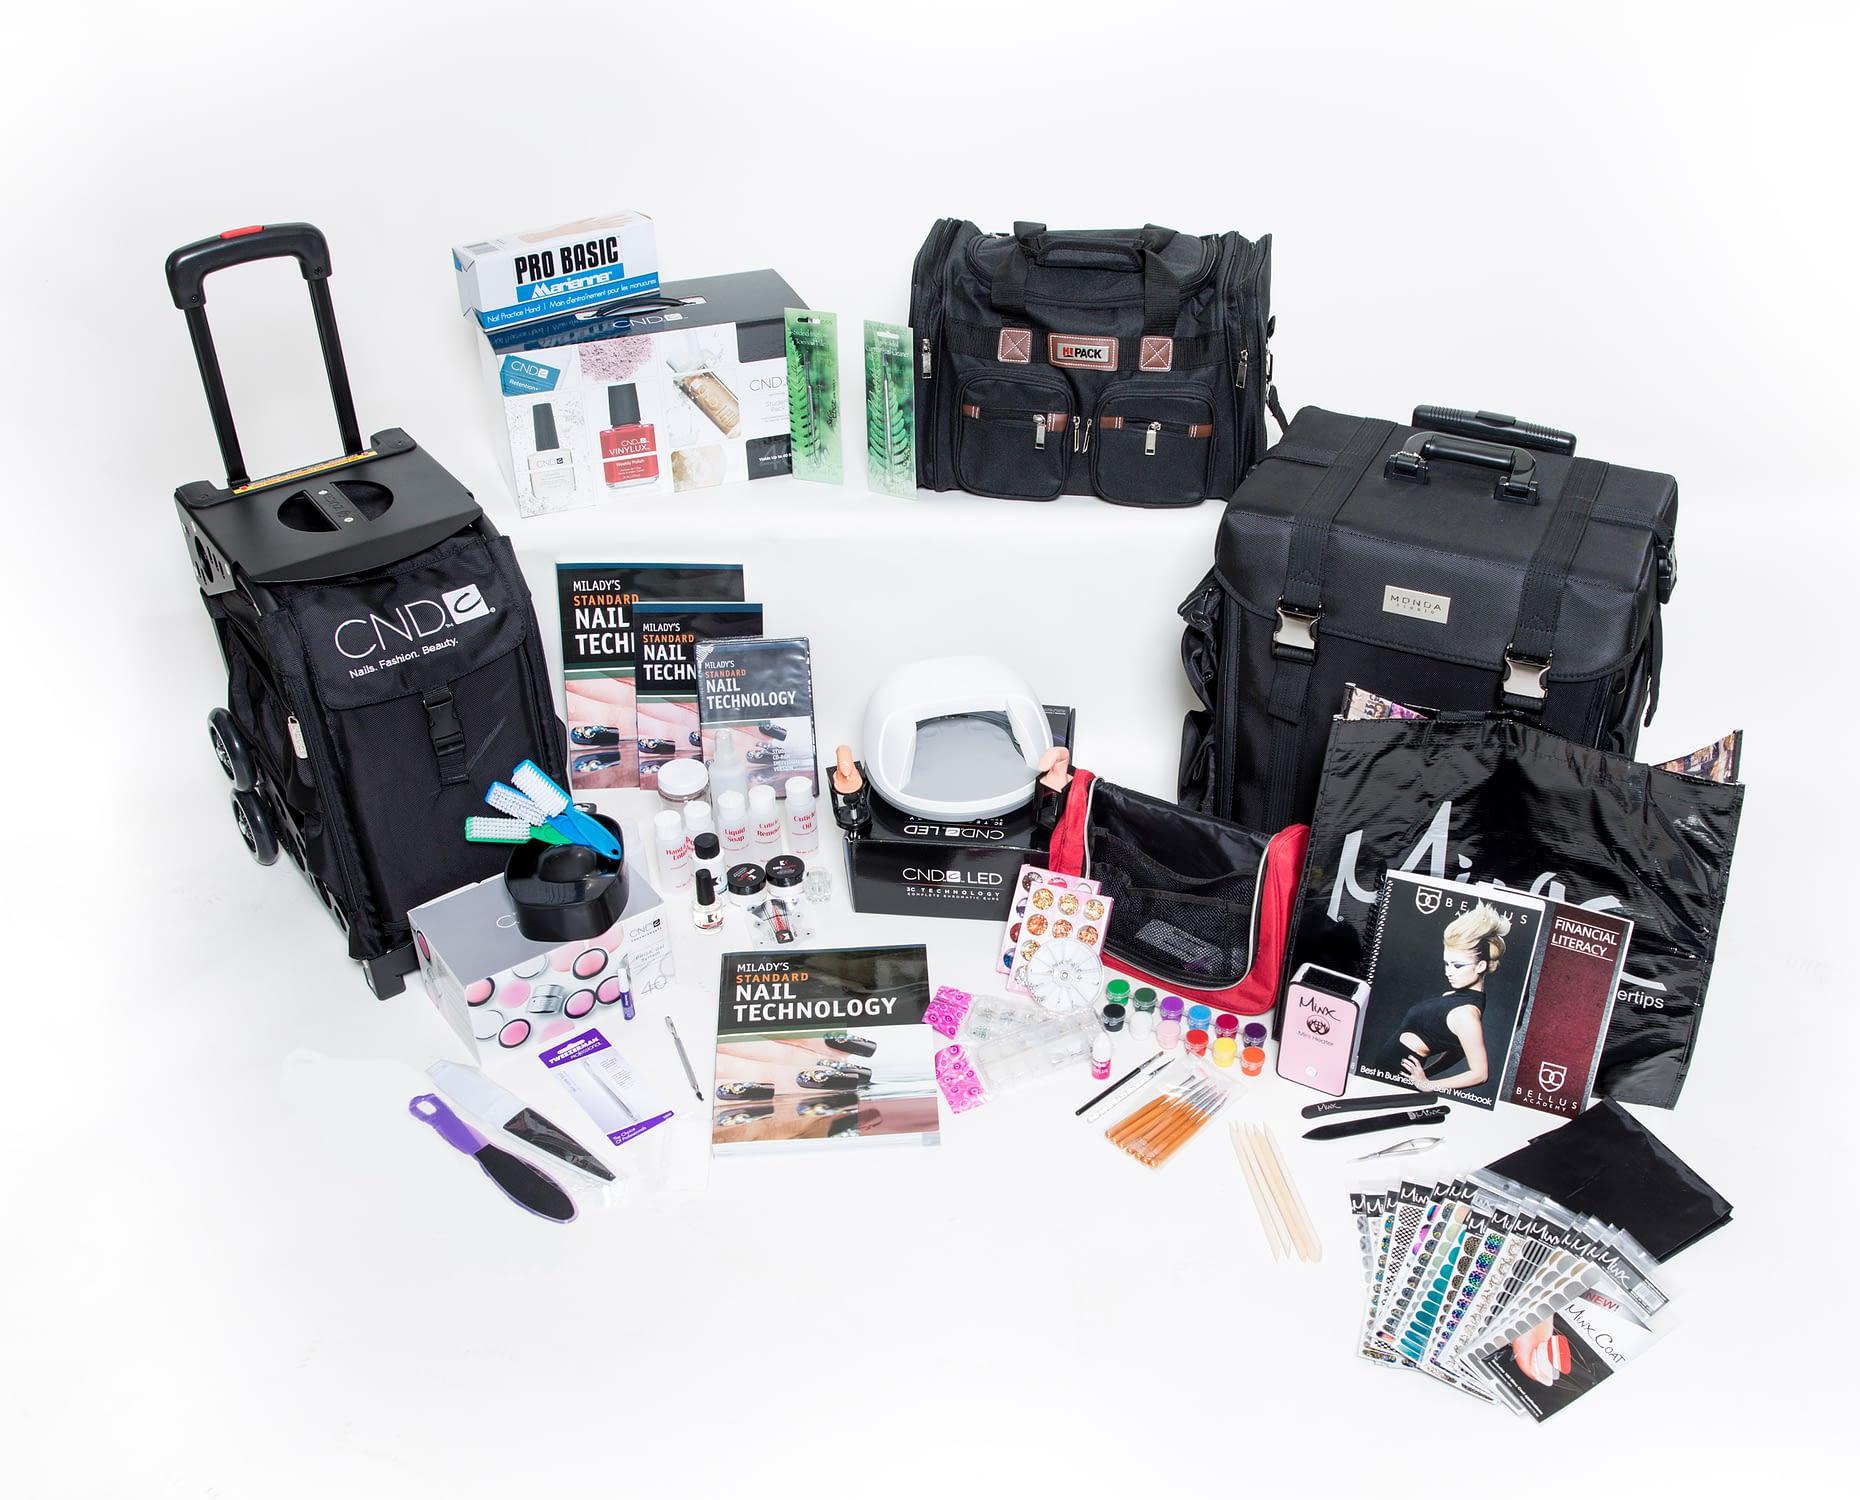 CND spa nail kit